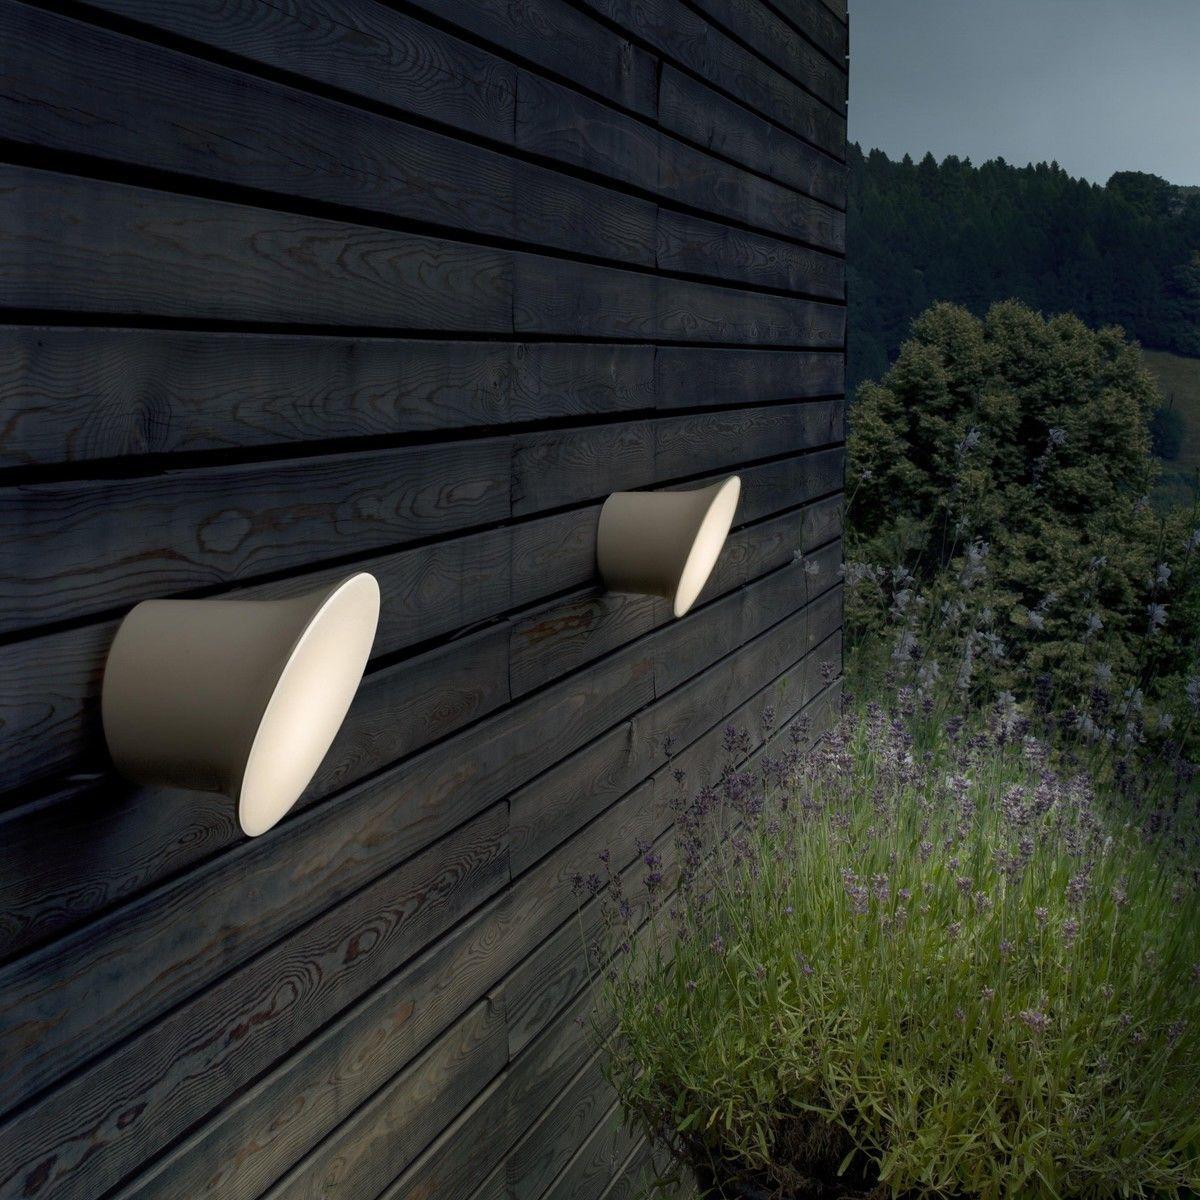 ecran in out led wandleuchte luceplan led leuchten. Black Bedroom Furniture Sets. Home Design Ideas